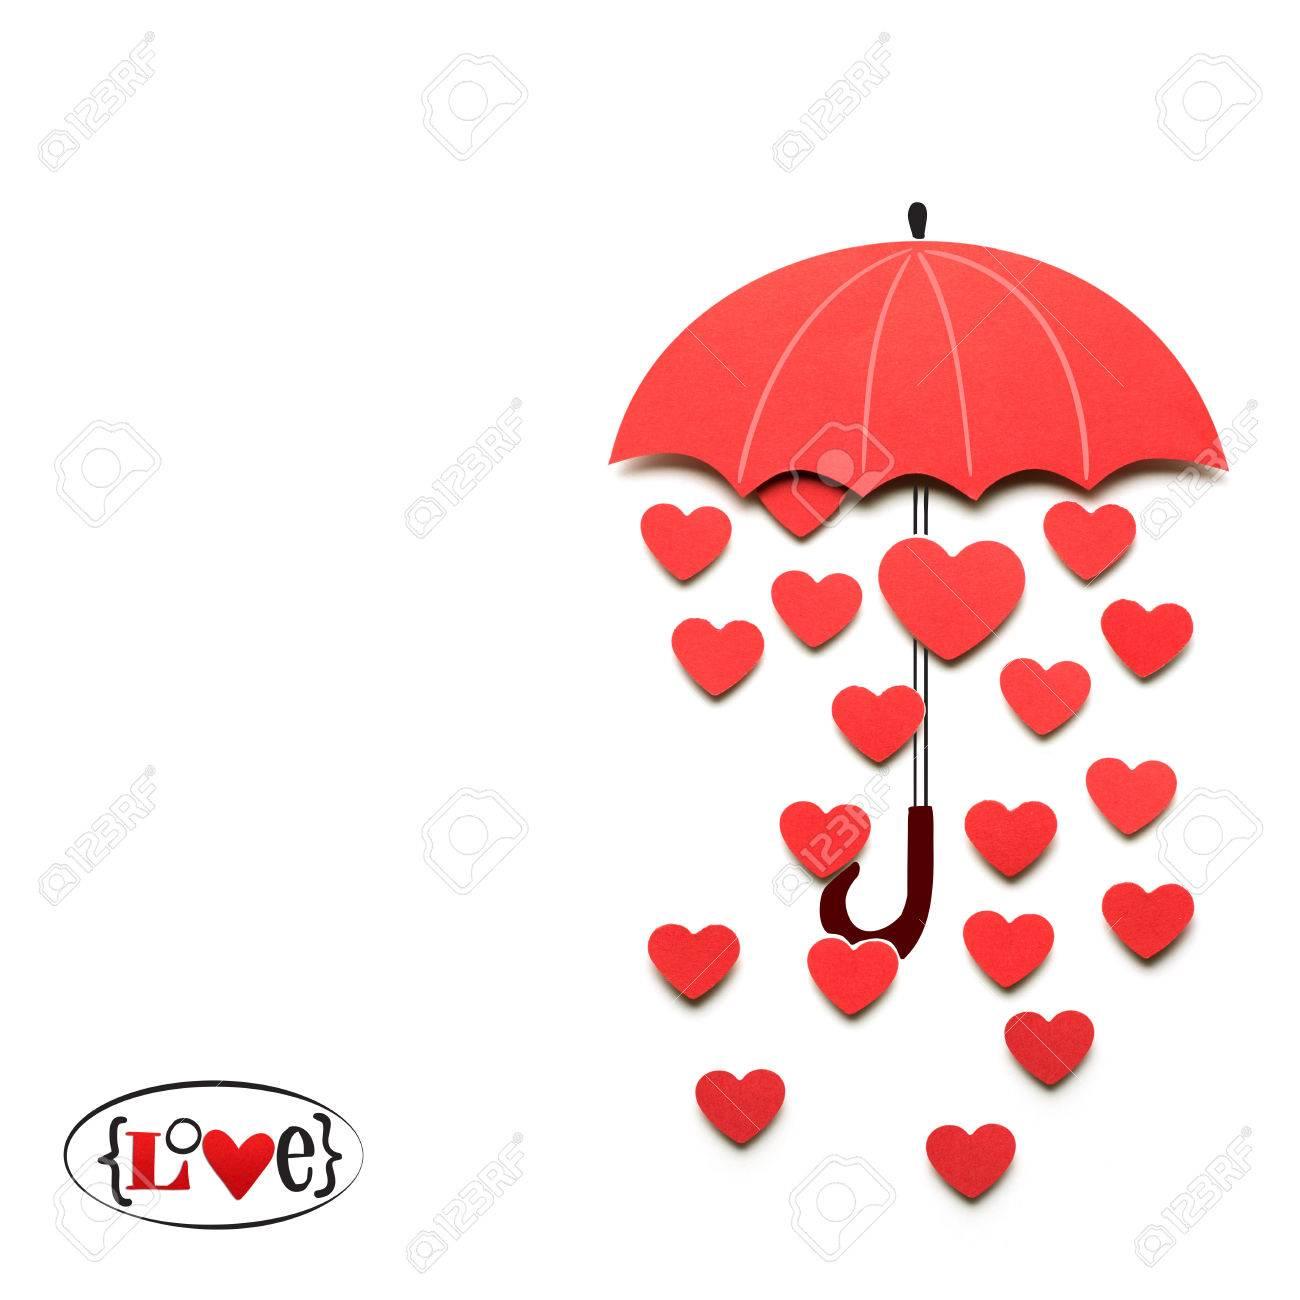 Creativo San Valentino Concetto Di Fotografia Di Ombrello Di Carta Con Il Cuore Che Piovono Giù Su Sfondo Bianco